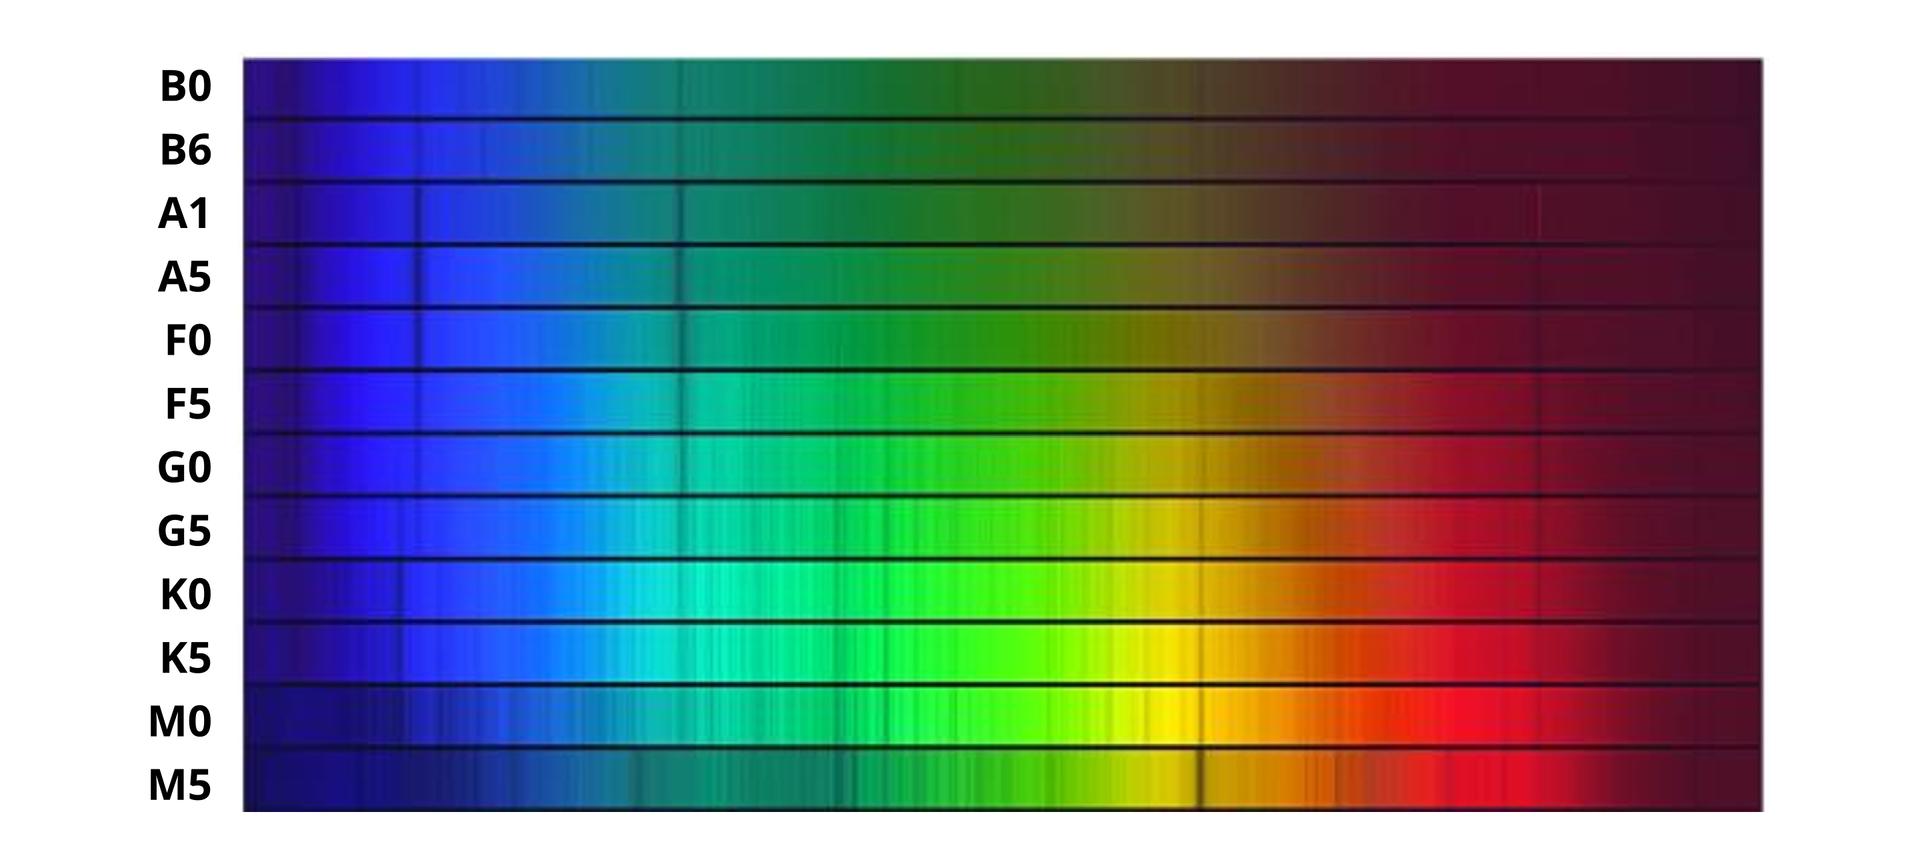 Ilustracja przedstawia widma gwiazdowe. Widma gwiazdowe to poziomo ułożone cienkie prostokątne pasy. Każdy pas ma długość około piętnaście centymetrów. Wysokość to około osiem milimetrów. Pasy tworzą duży poziomo ułożony prostokąt. Cały prostokąt tworzy dwanaście widm gwiazdowych. Powierzchnia widm zmienia kolory od niebieskiego, przechodzi wbłękit, zieleń, żółty, pomarańczowy, czerwony ibordowy. Kolory zmieniają się wzależności od wielkości gwiazdy i